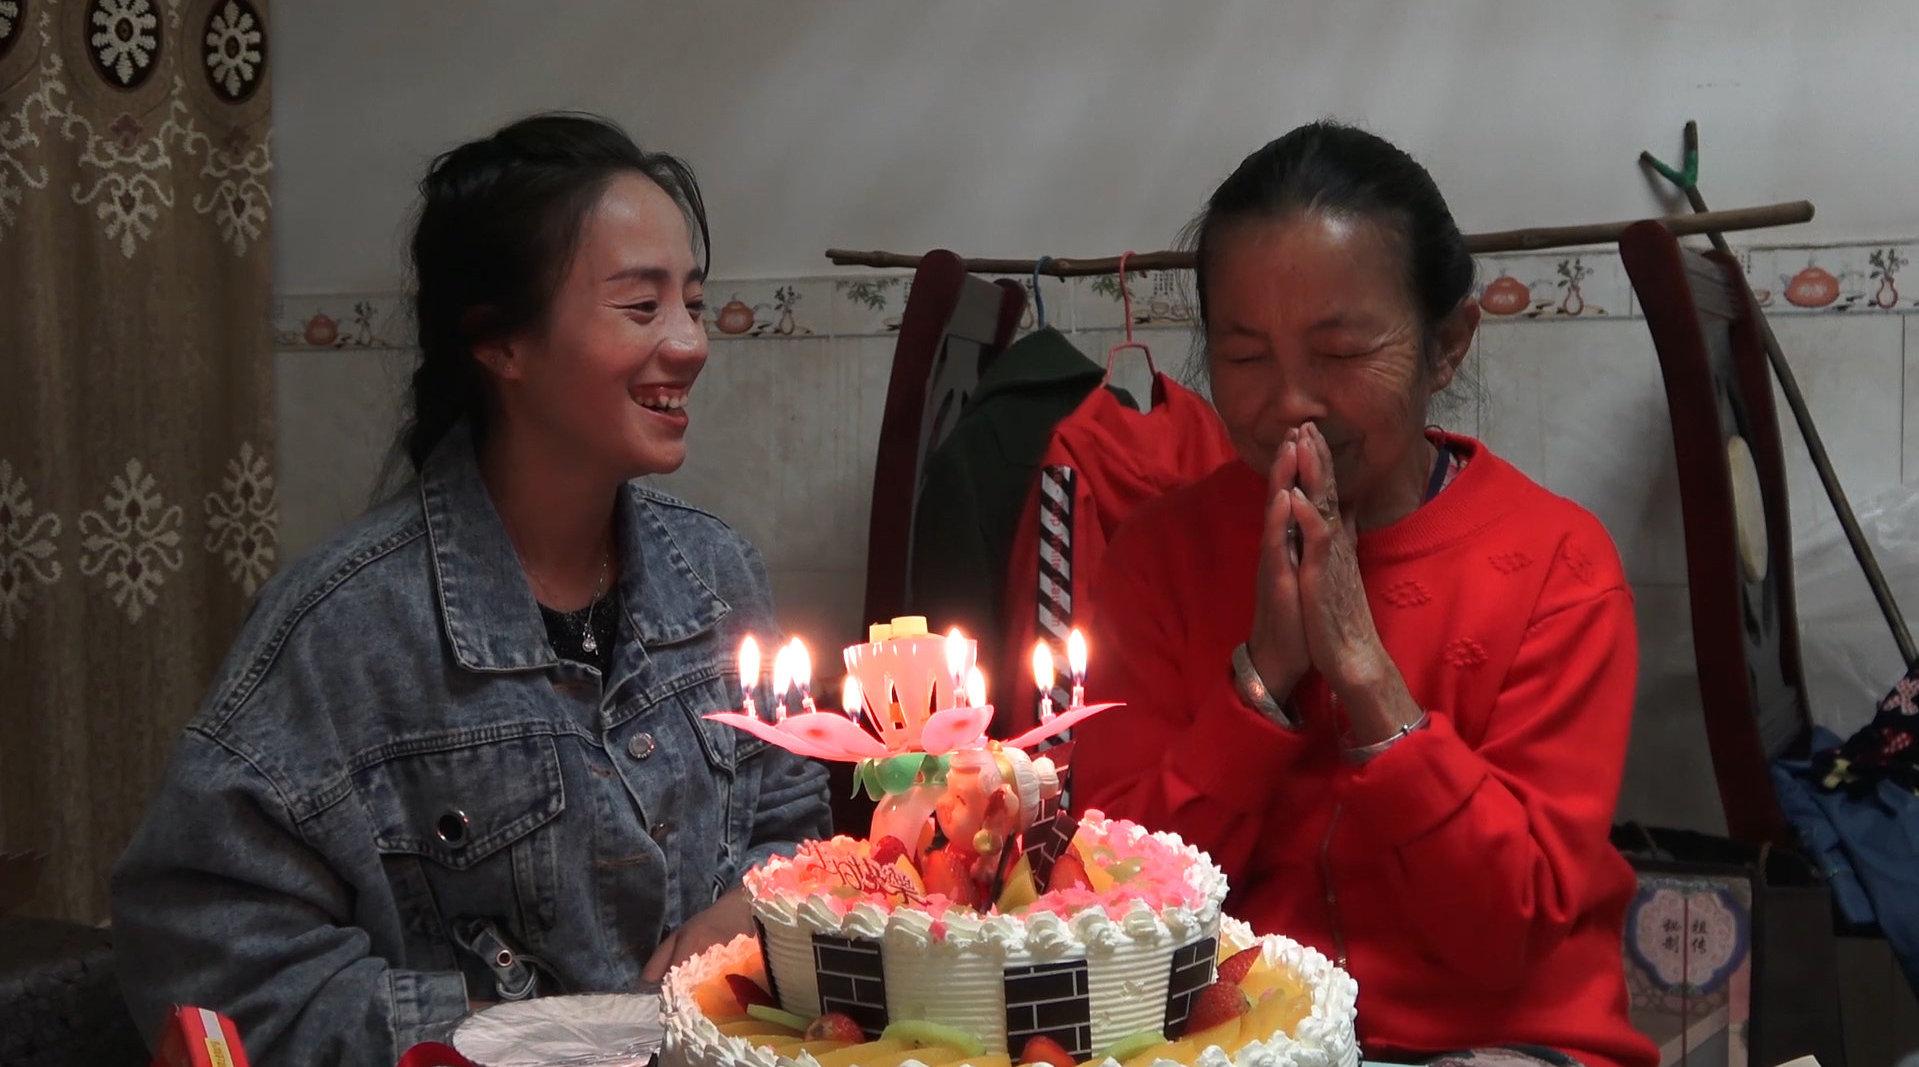 外婆过生日,小妹打算偷偷回去给她一个惊喜